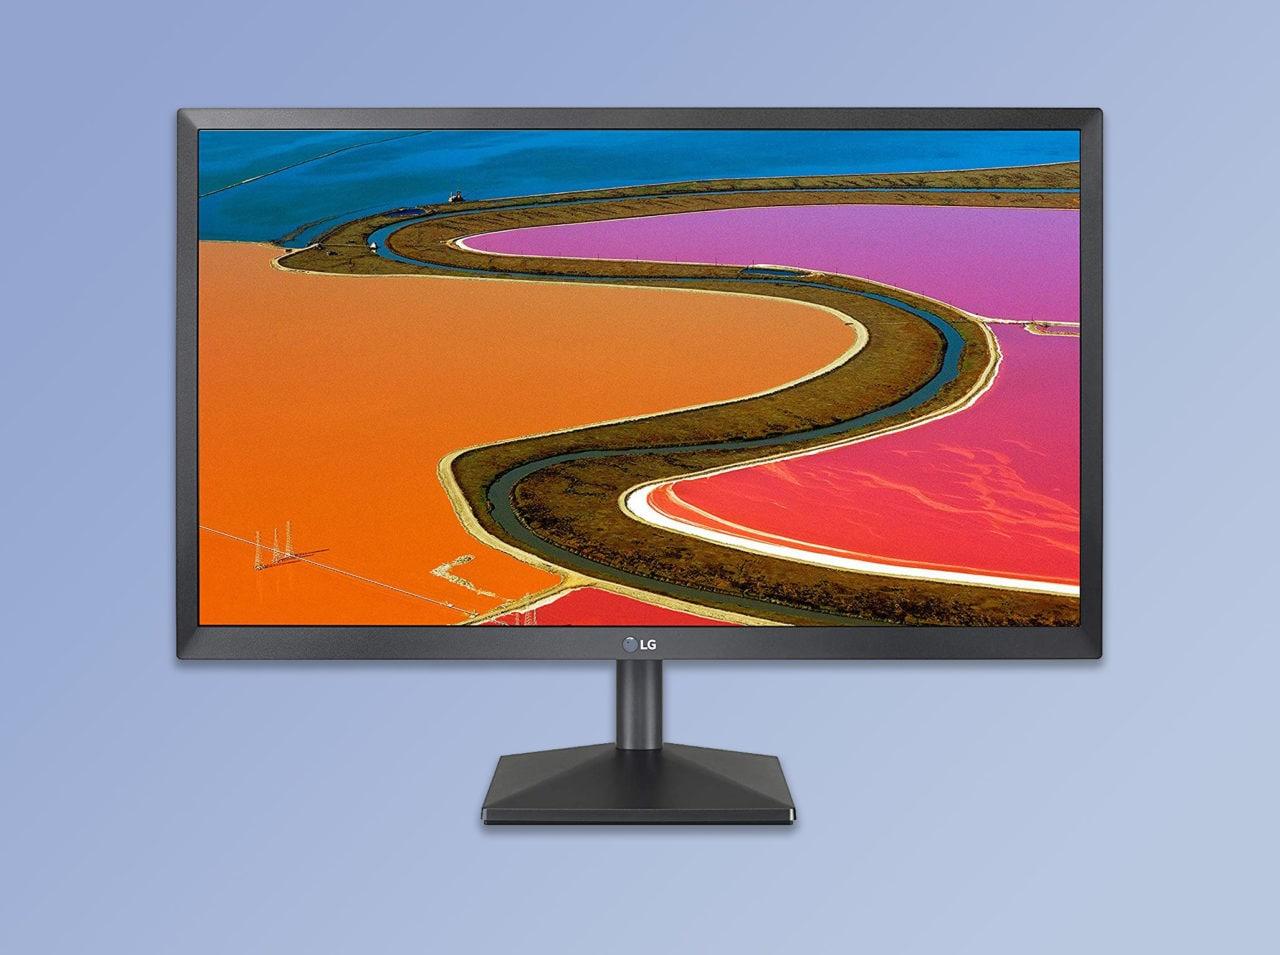 Super sconto Amazon: bastano 79€ per acquistare questo monitor LG